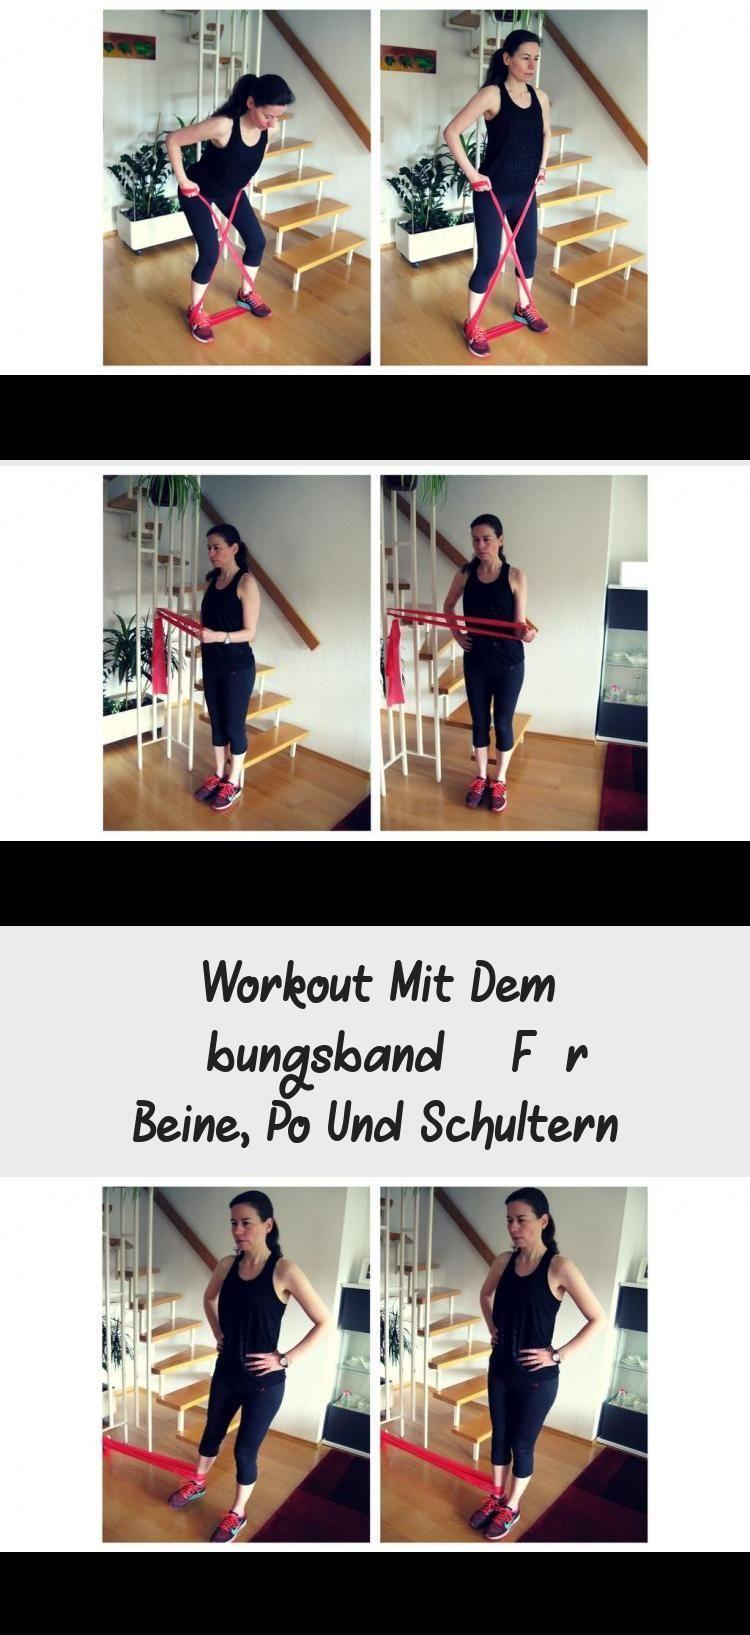 Workout | Training mit Übungsband bzw. Theraband. Bei diesen Übungen werden Be...   - Fitness - #BEI...